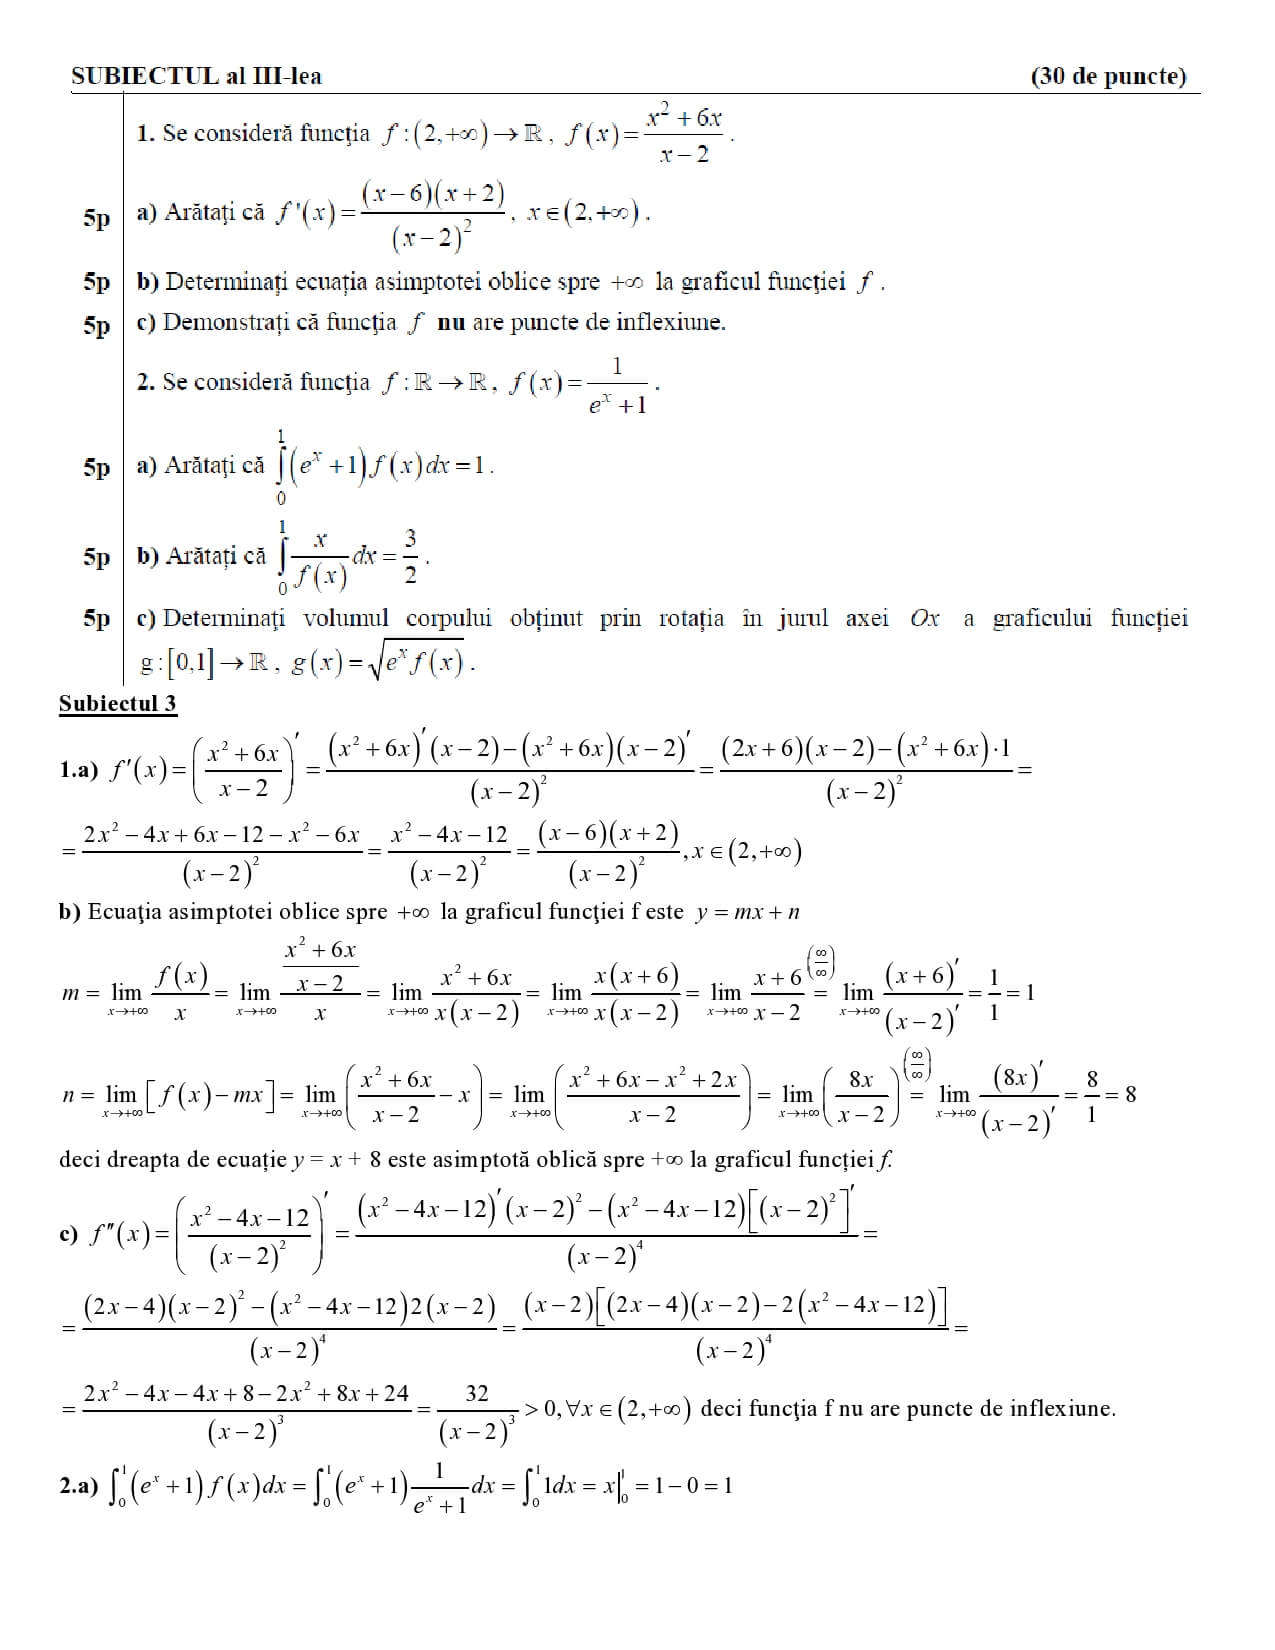 Rezolvarea modelului oficial de subiecte pentru examenul de bacalaureat la matematica M_tehnologic 2018